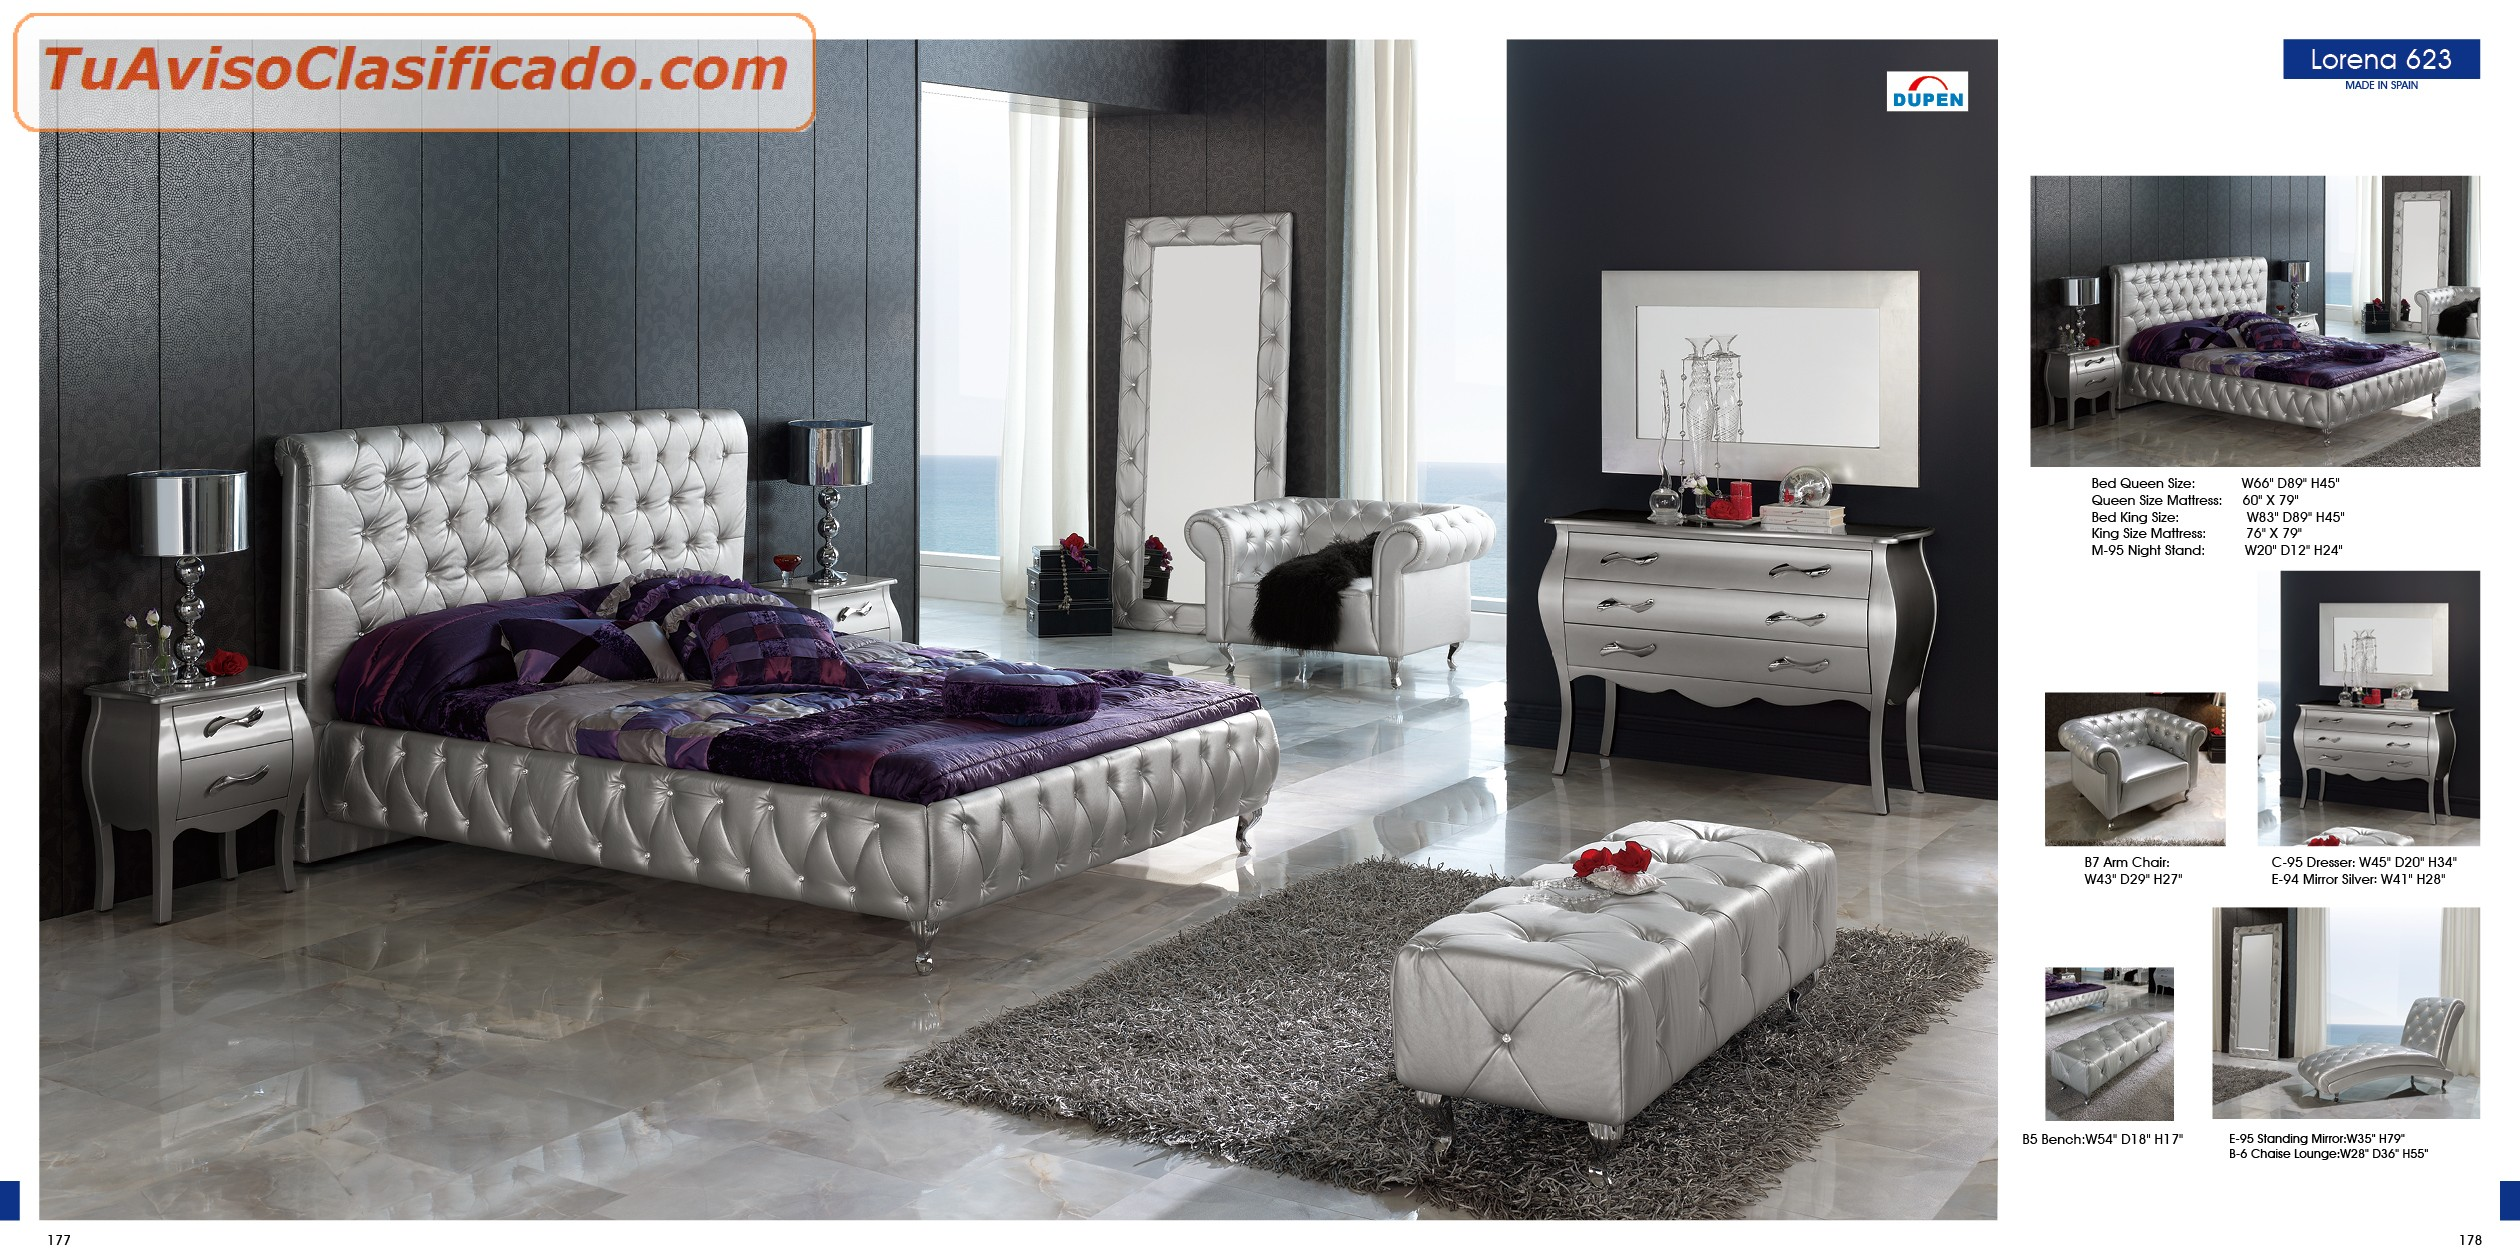 Juego de habitacion super confortable modelos75h04 hogar - Juego de habitacion ...